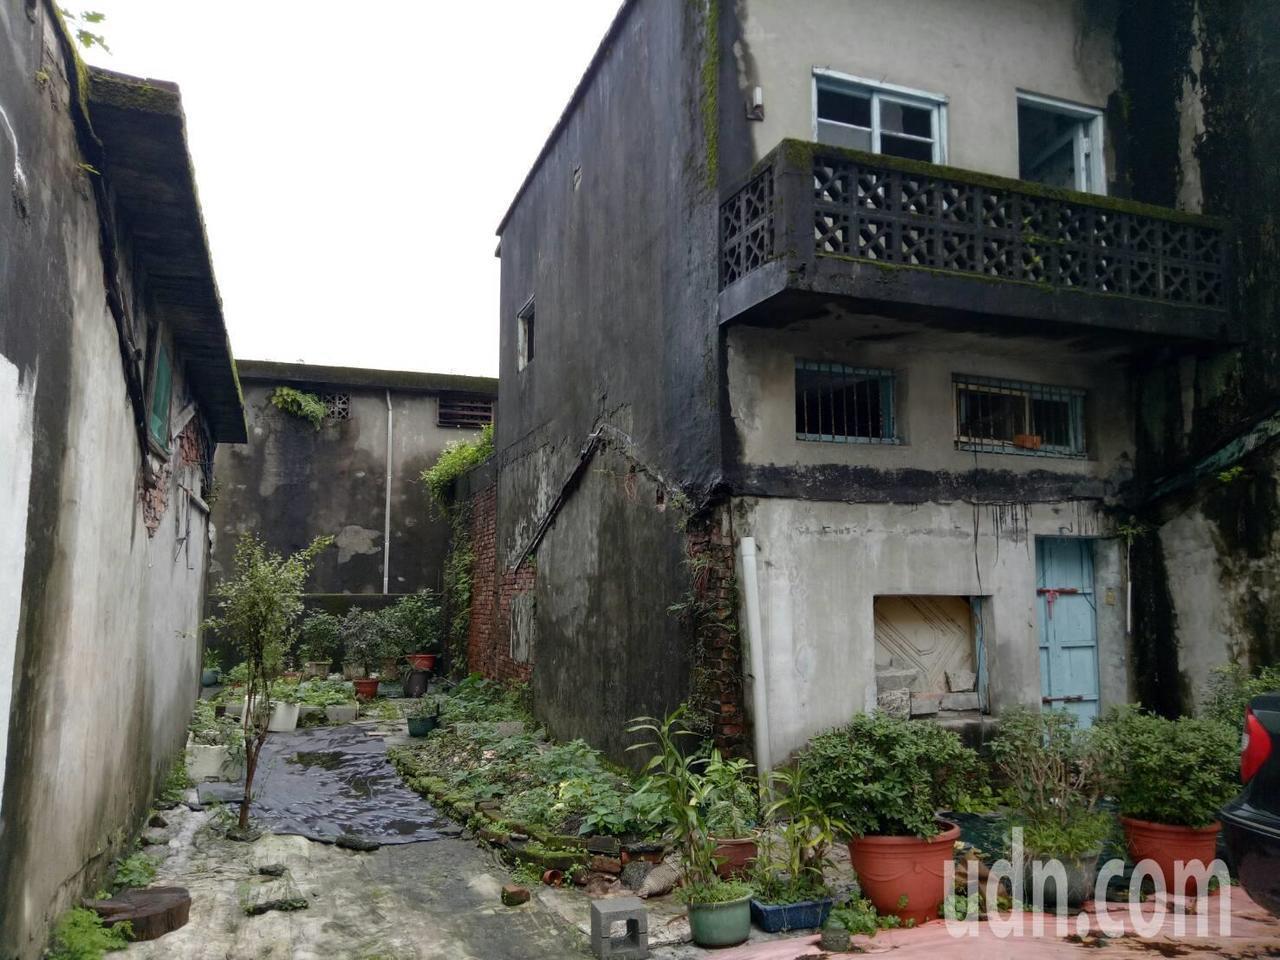 宜蘭縣冬山老街兩旁巷弄,隱藏許多懷舊復古的老房子,無人居住。記者張芮瑜/攝影